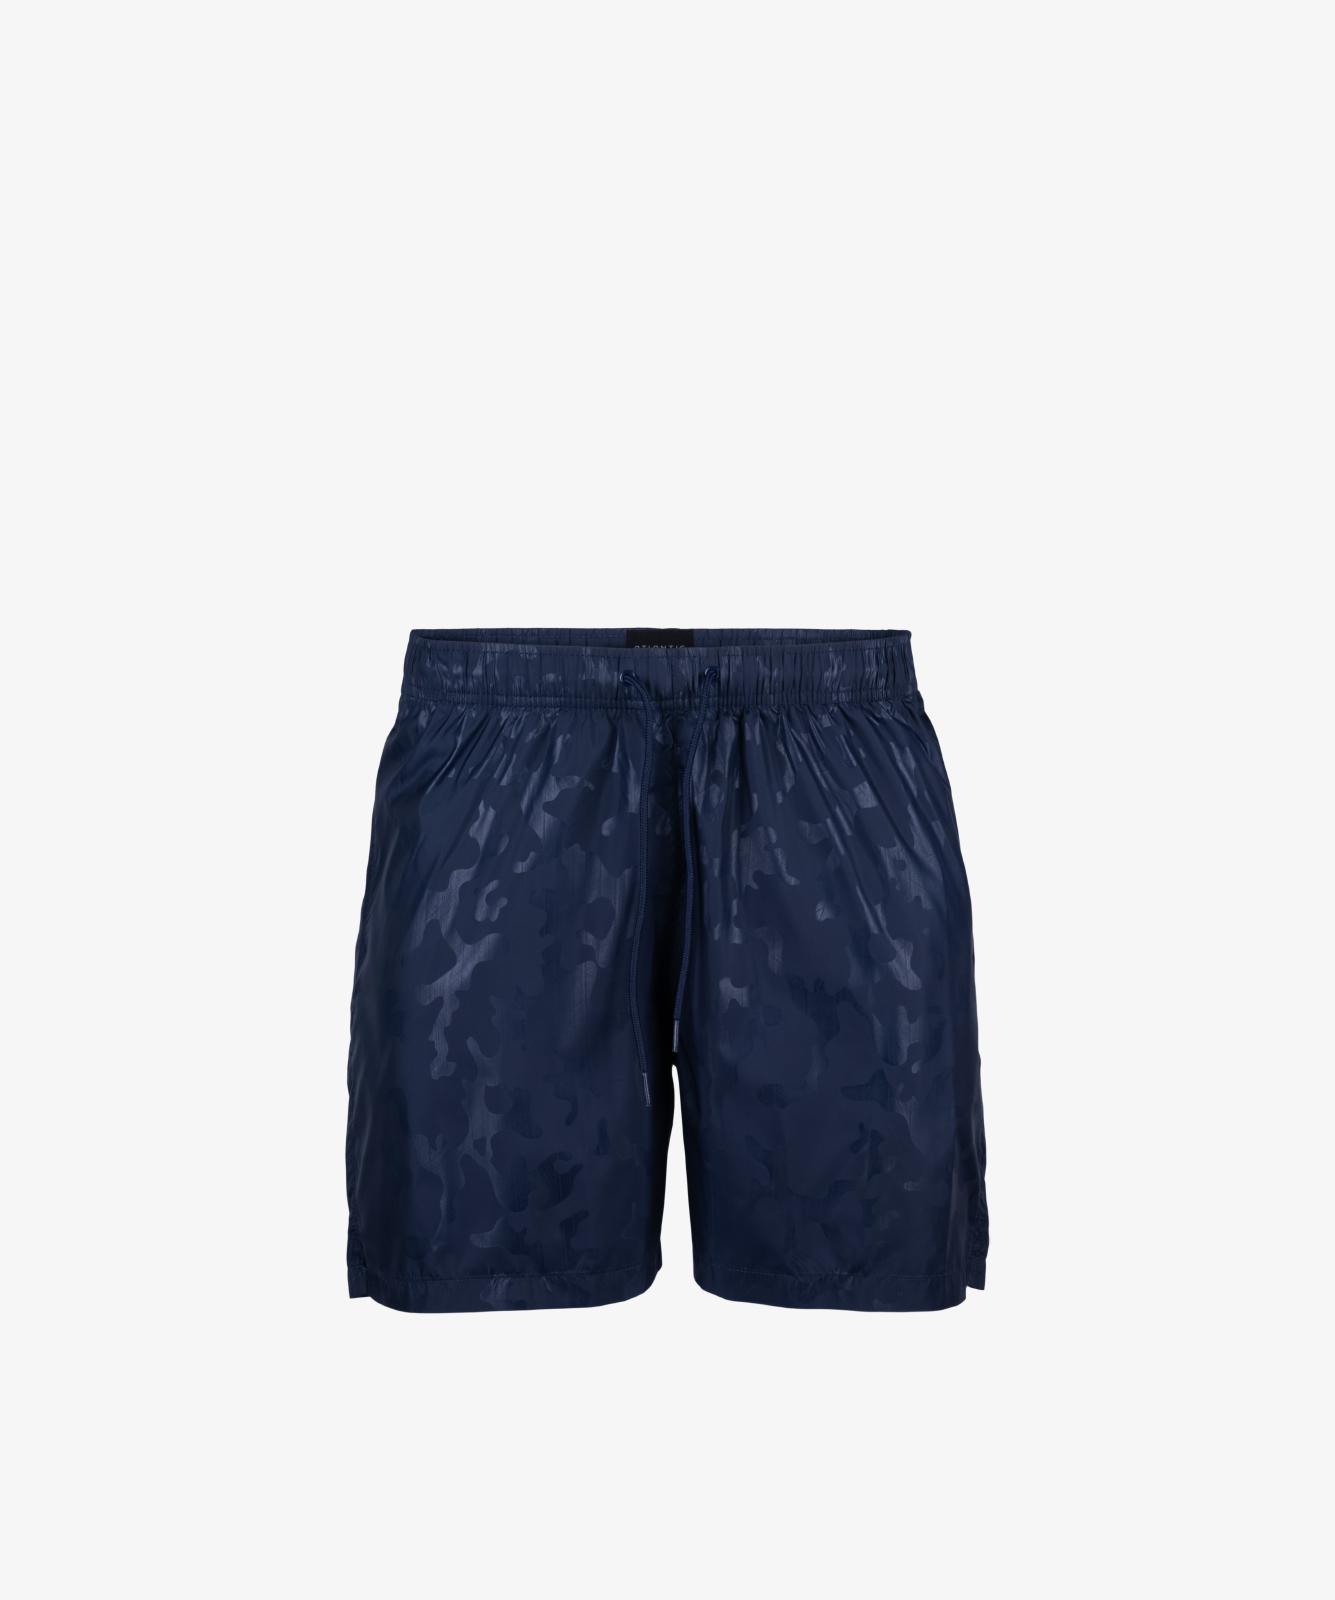 Пляжные шорты мужские Atlantic, 1 шт. в уп., полиэстер, темно-синие, KMB-194